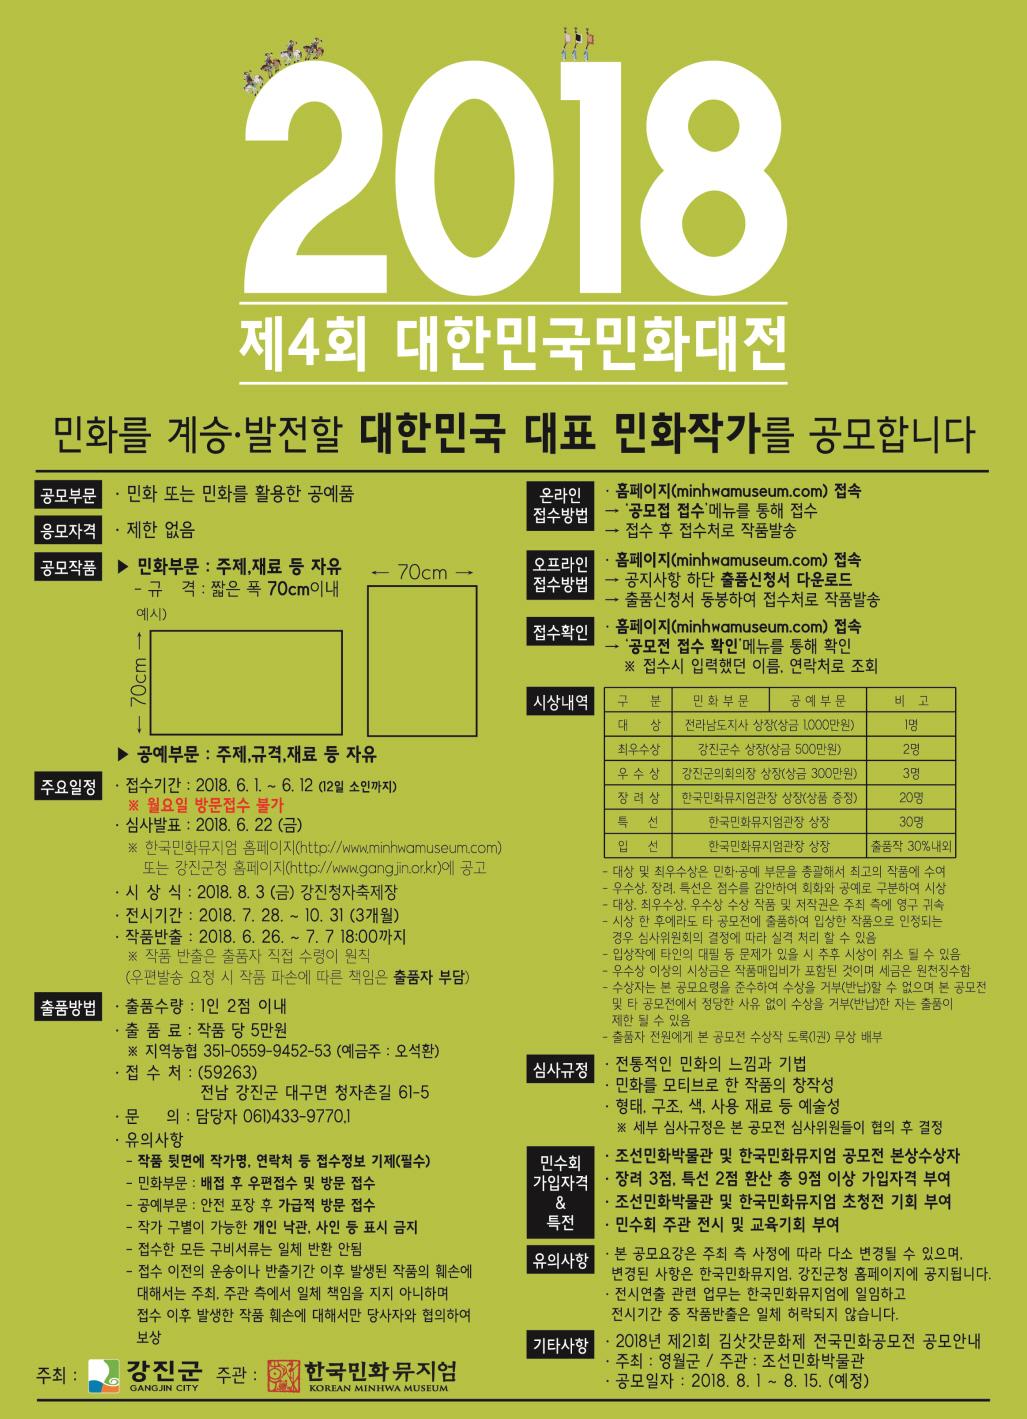 제 4회 대한민국민화대전